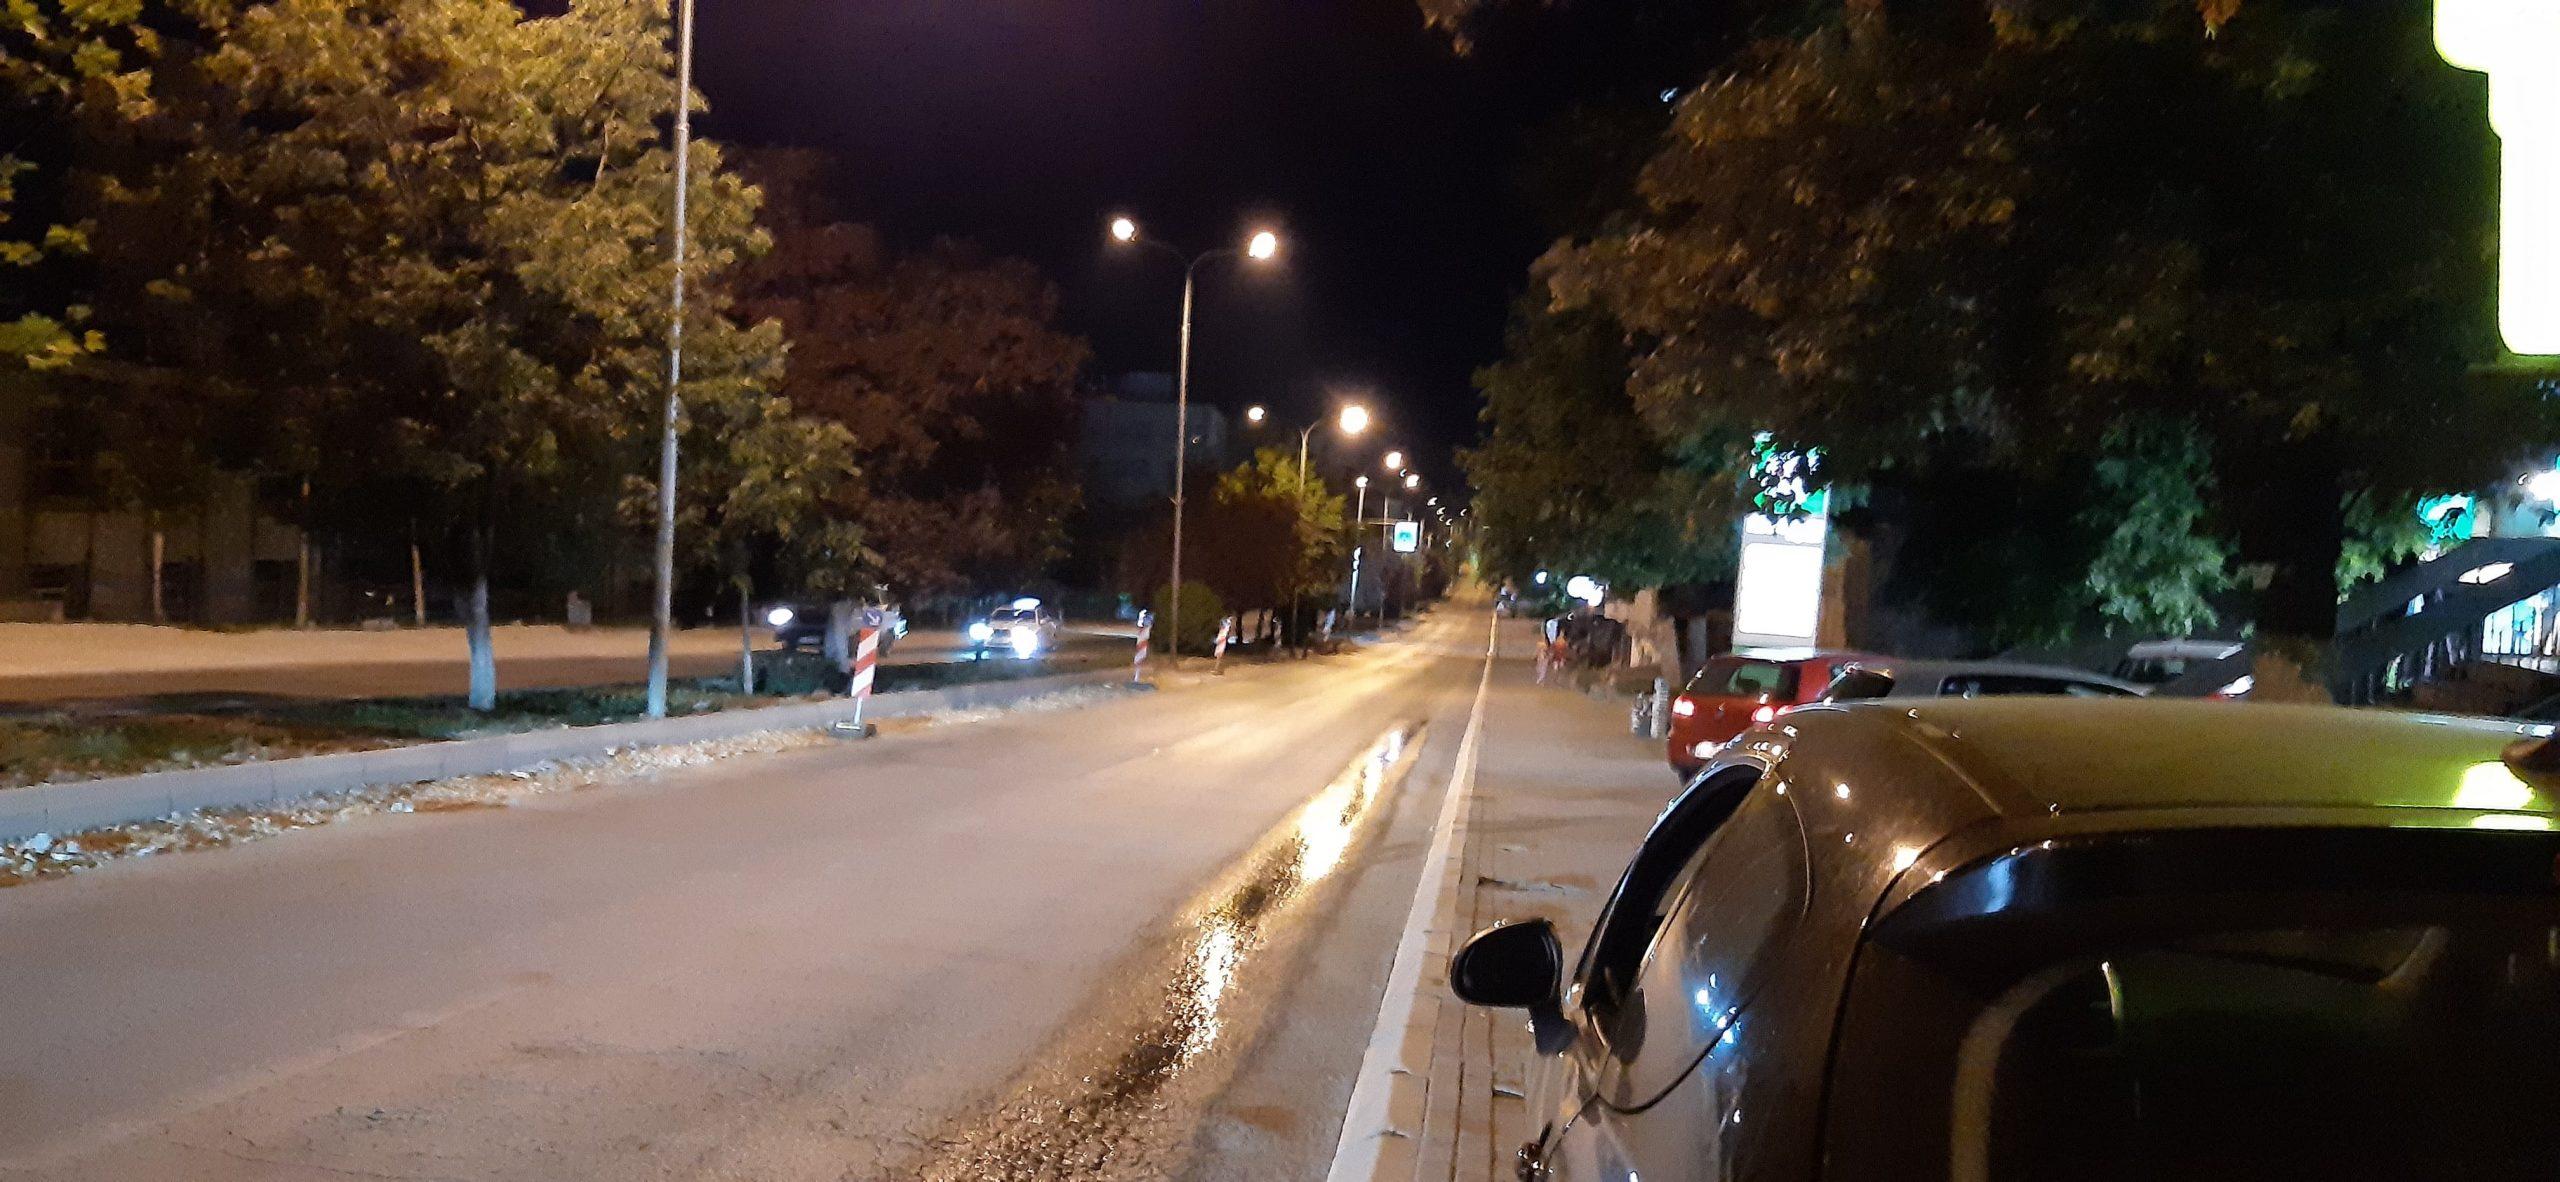 Masat e reja kufizuese anti Covid në Prishtinë  respektohen pjesërisht  Video   Foto